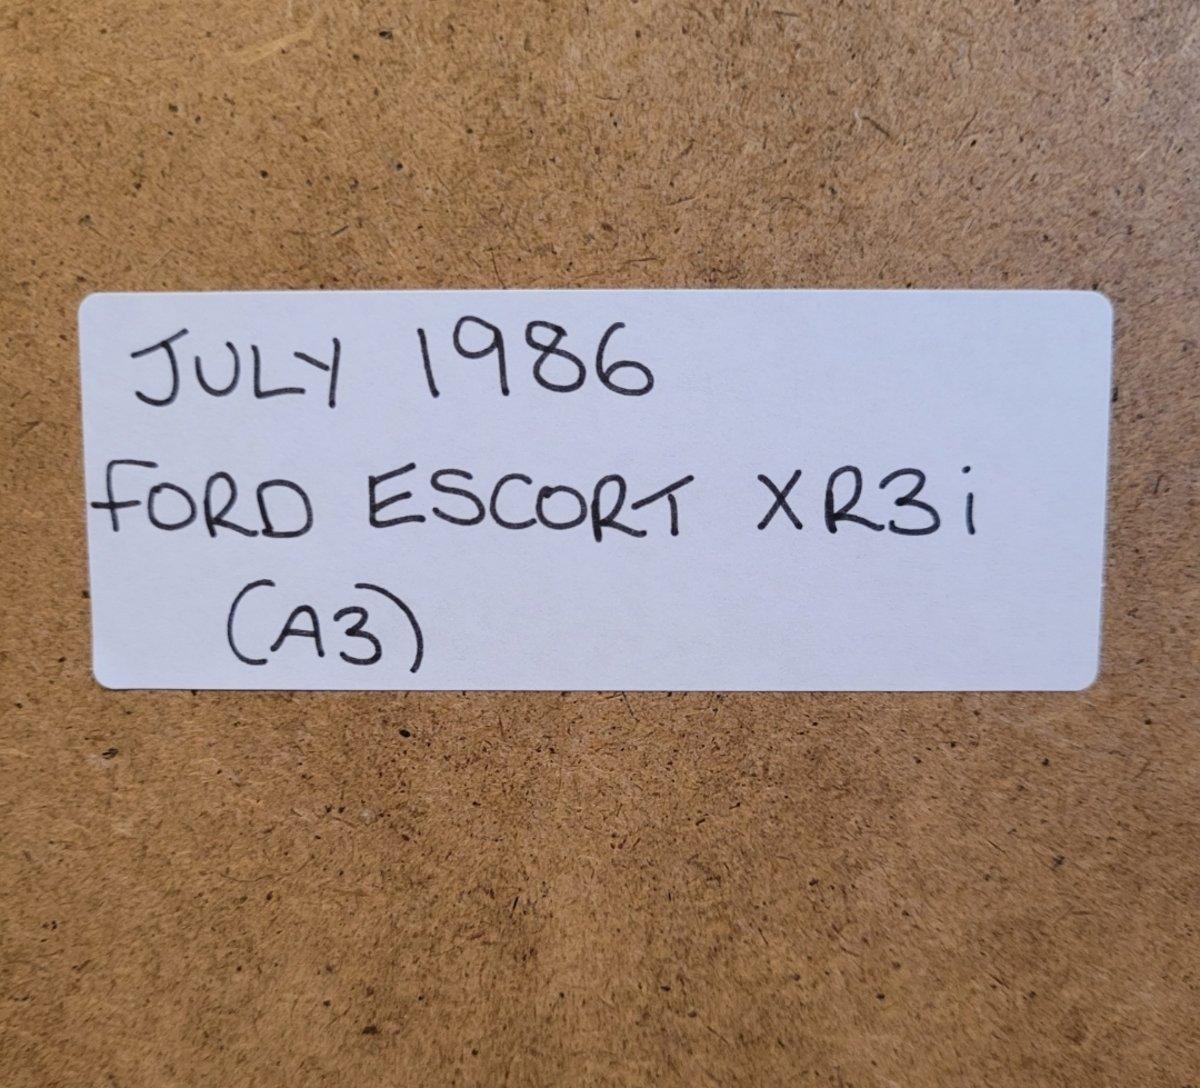 1972 Original 1986 Ford Escort XR3i Framed Advert For Sale (picture 2 of 3)